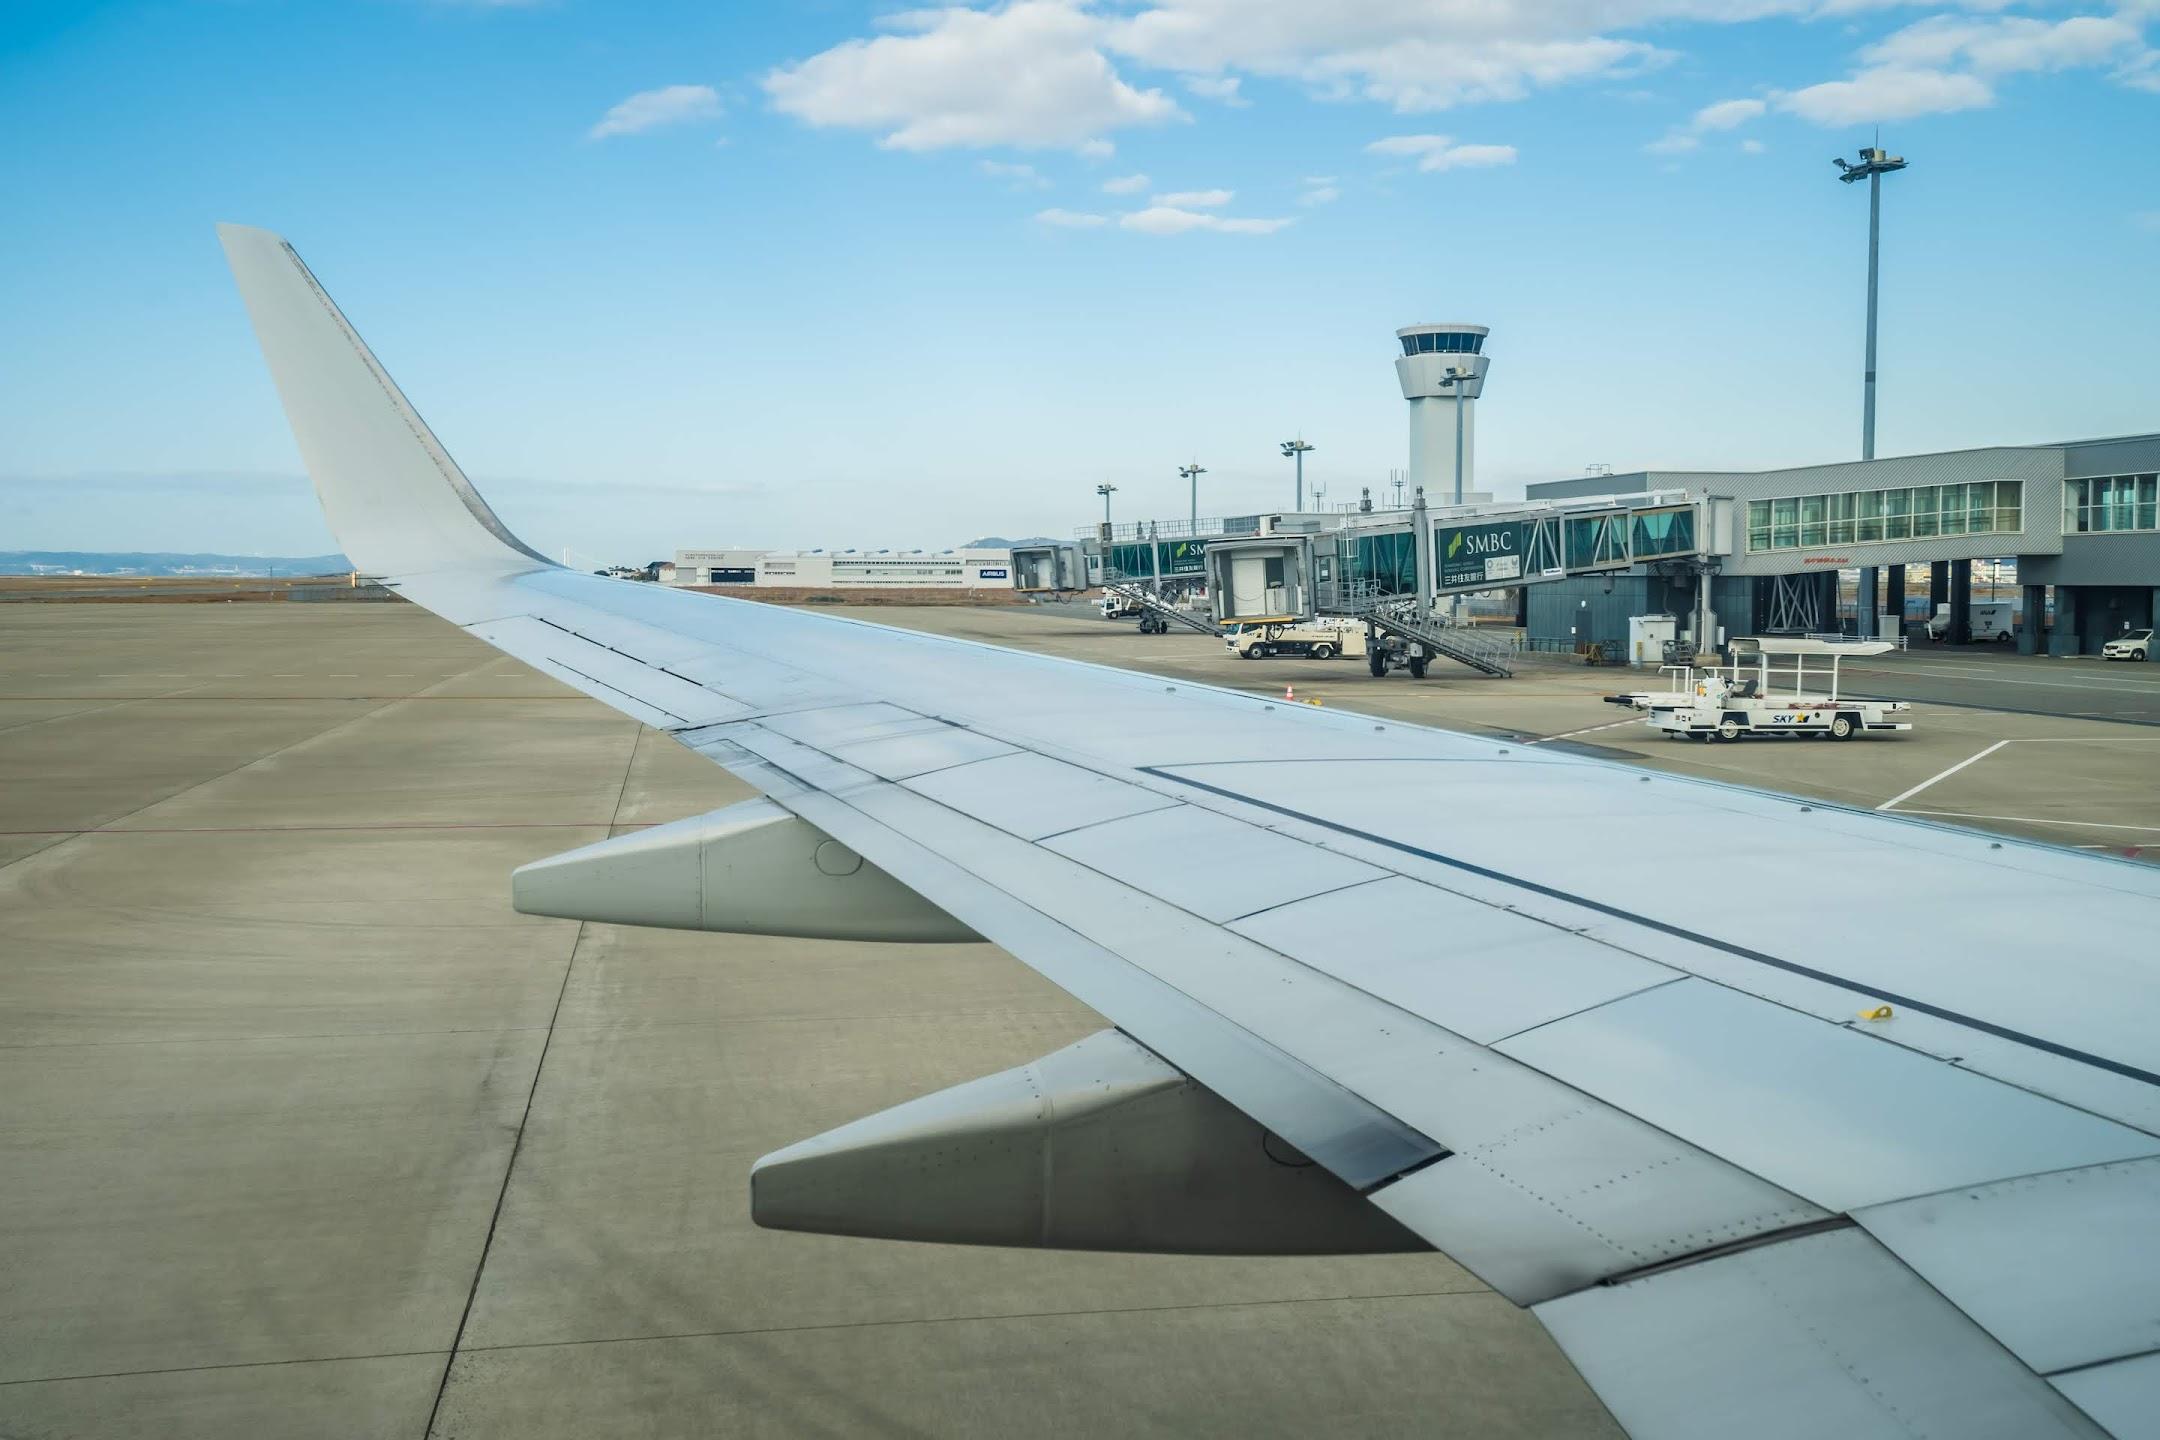 スカイマーク 神戸空港1